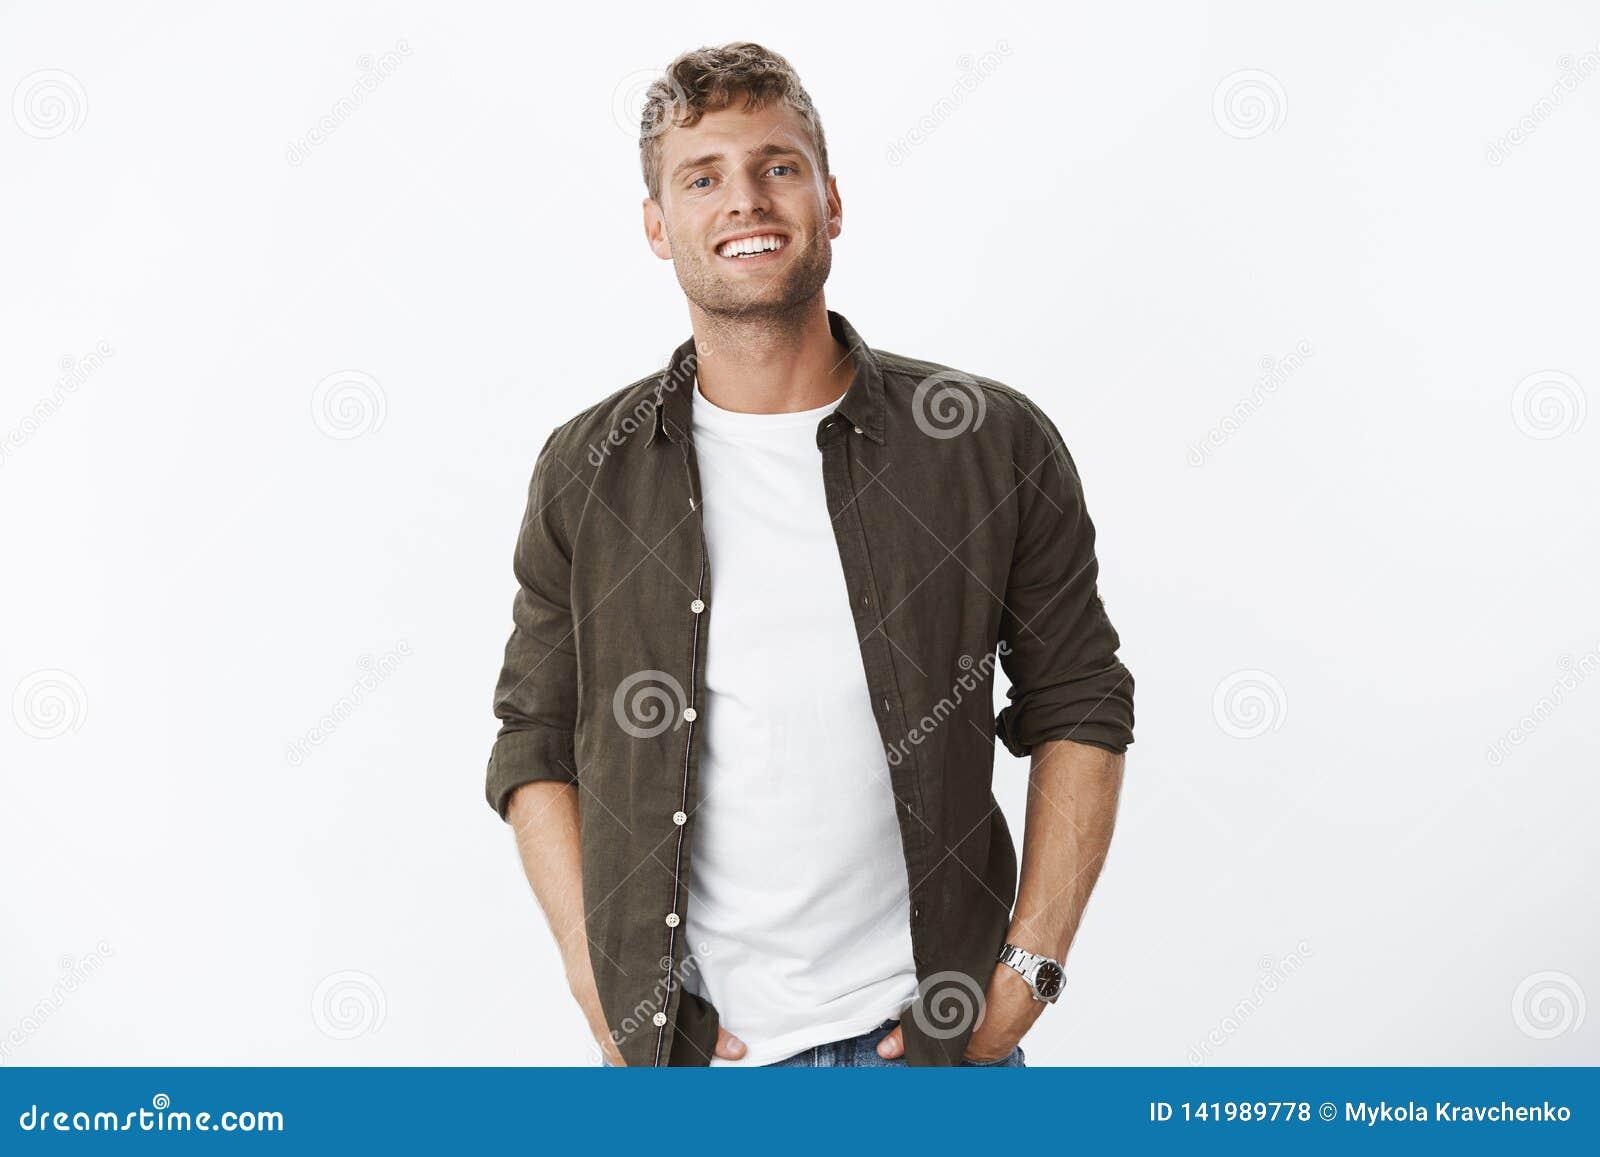 Ο χαλαρωμένος, φιλικός όμορφος ευρωπαϊκός τύπος με τη σκληρή τρίχα που χαμογελά χαρωπά με το άσπρο υγιές κράτημα δοντιών παραδίδε